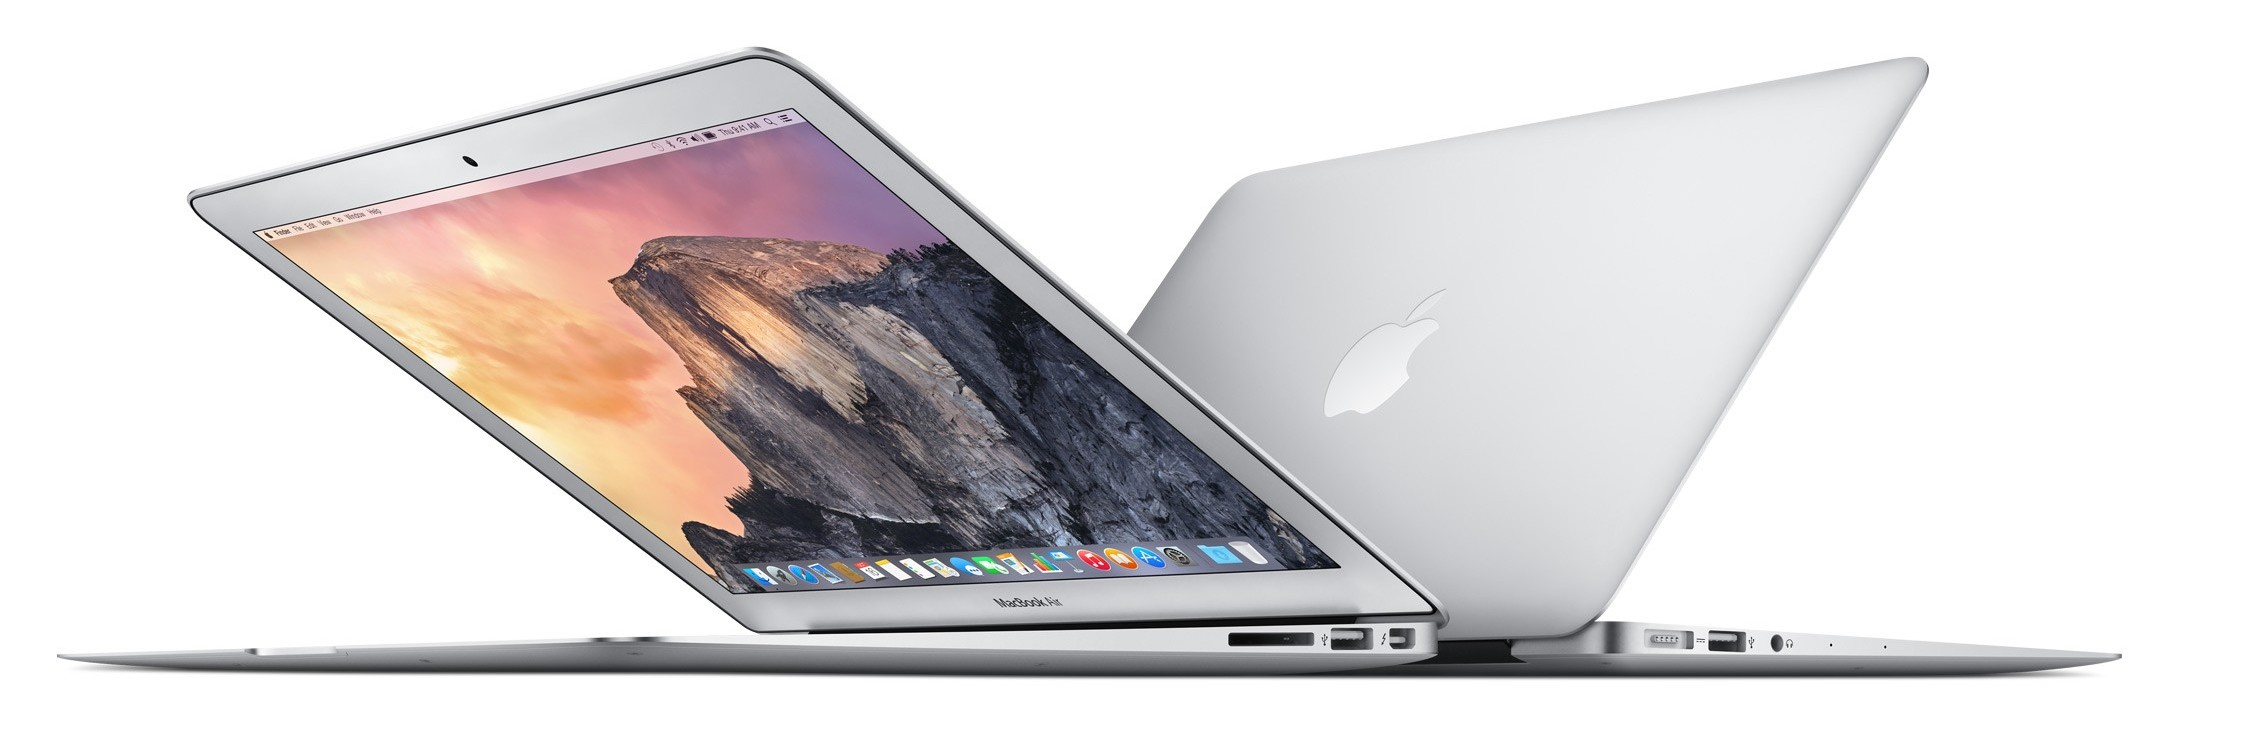 Apple представит новые MacBook к концу лета